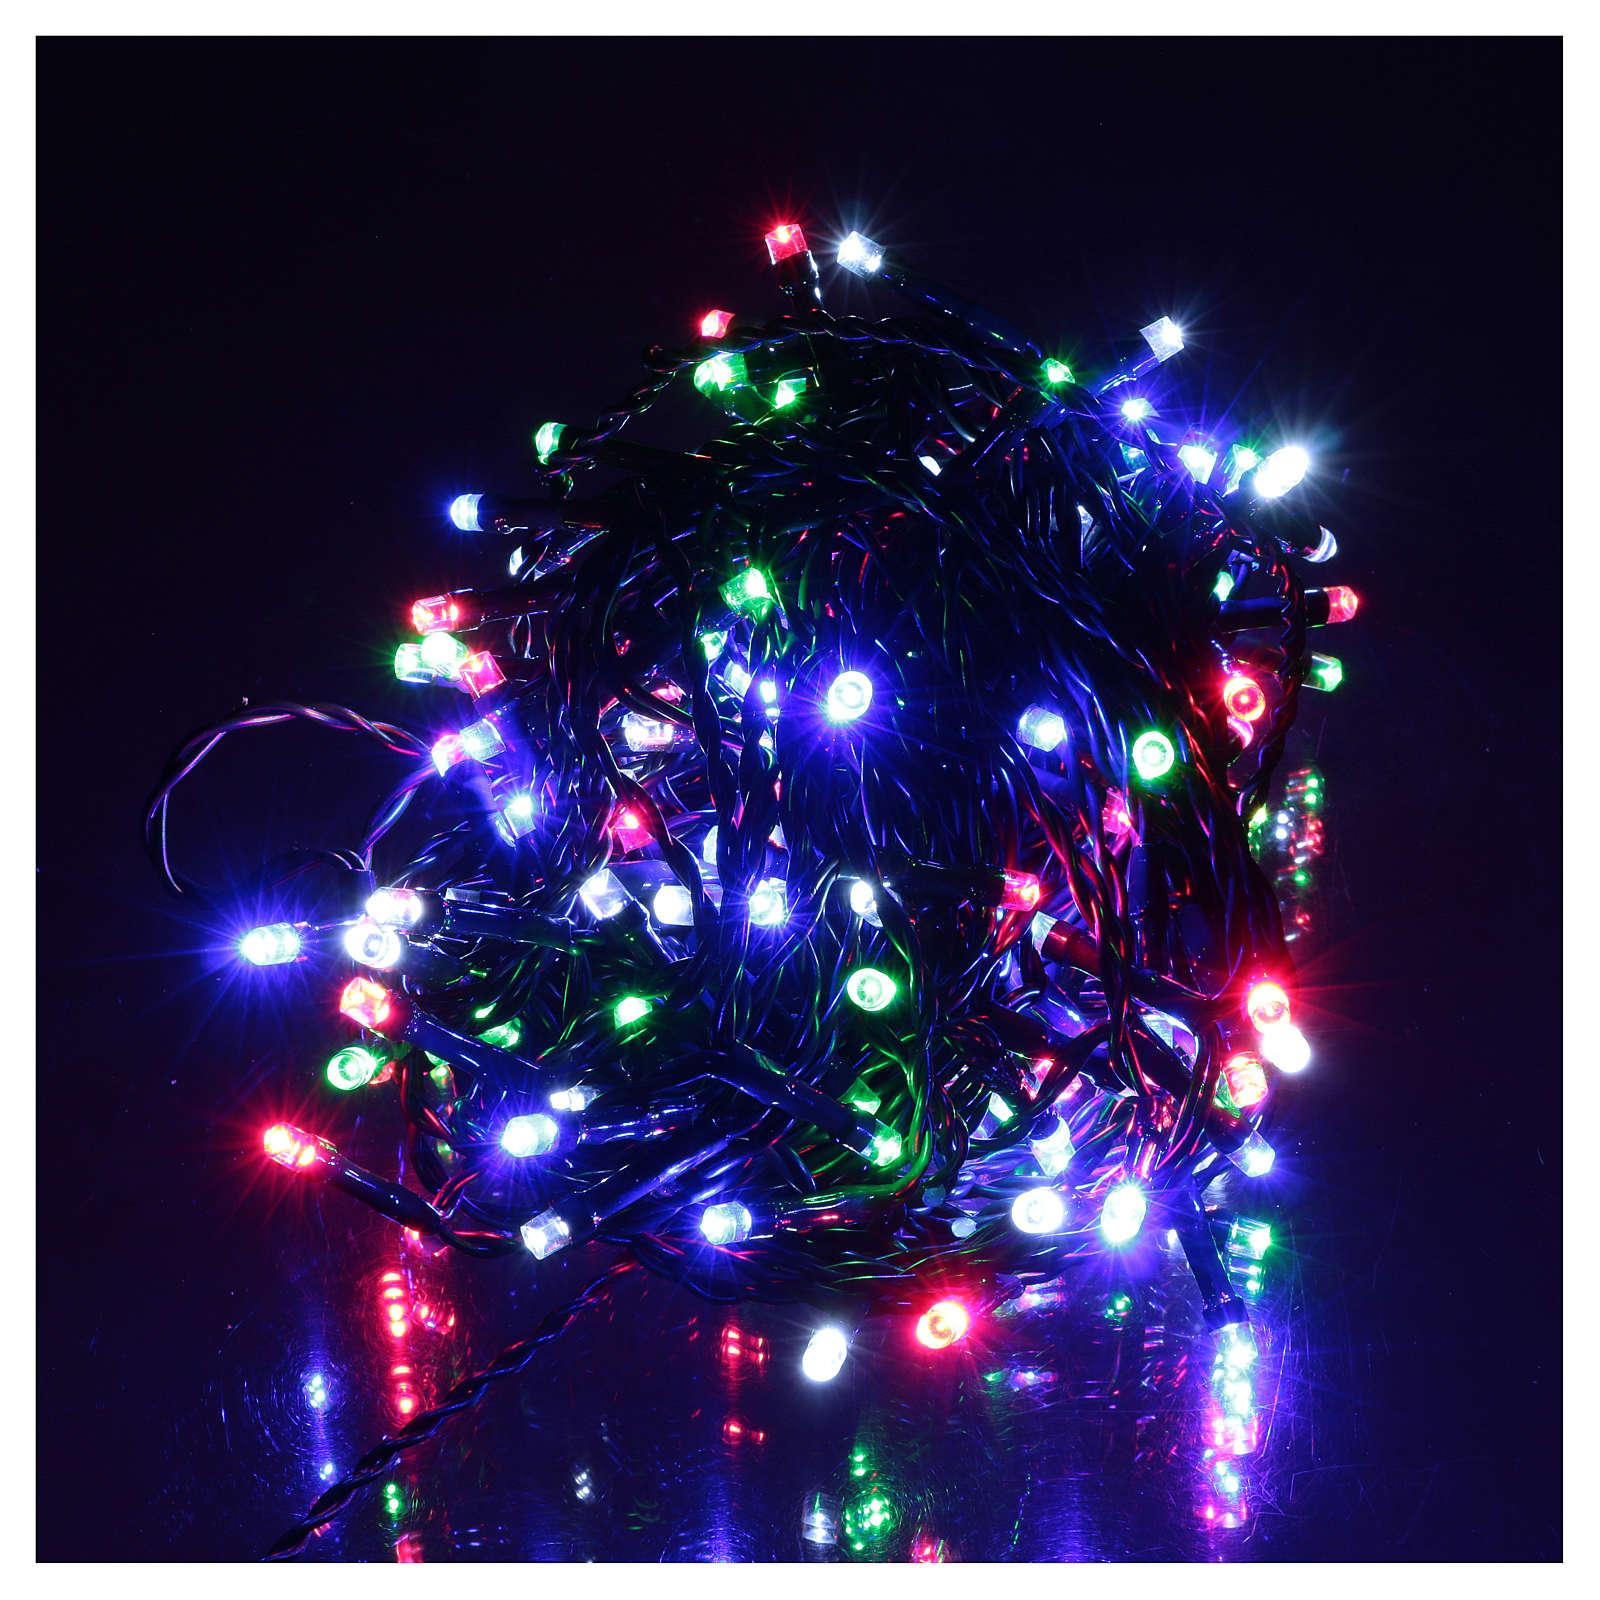 Guirlande de Noël chaîne 160 Leds multicolores extérieur piles 16 m 3